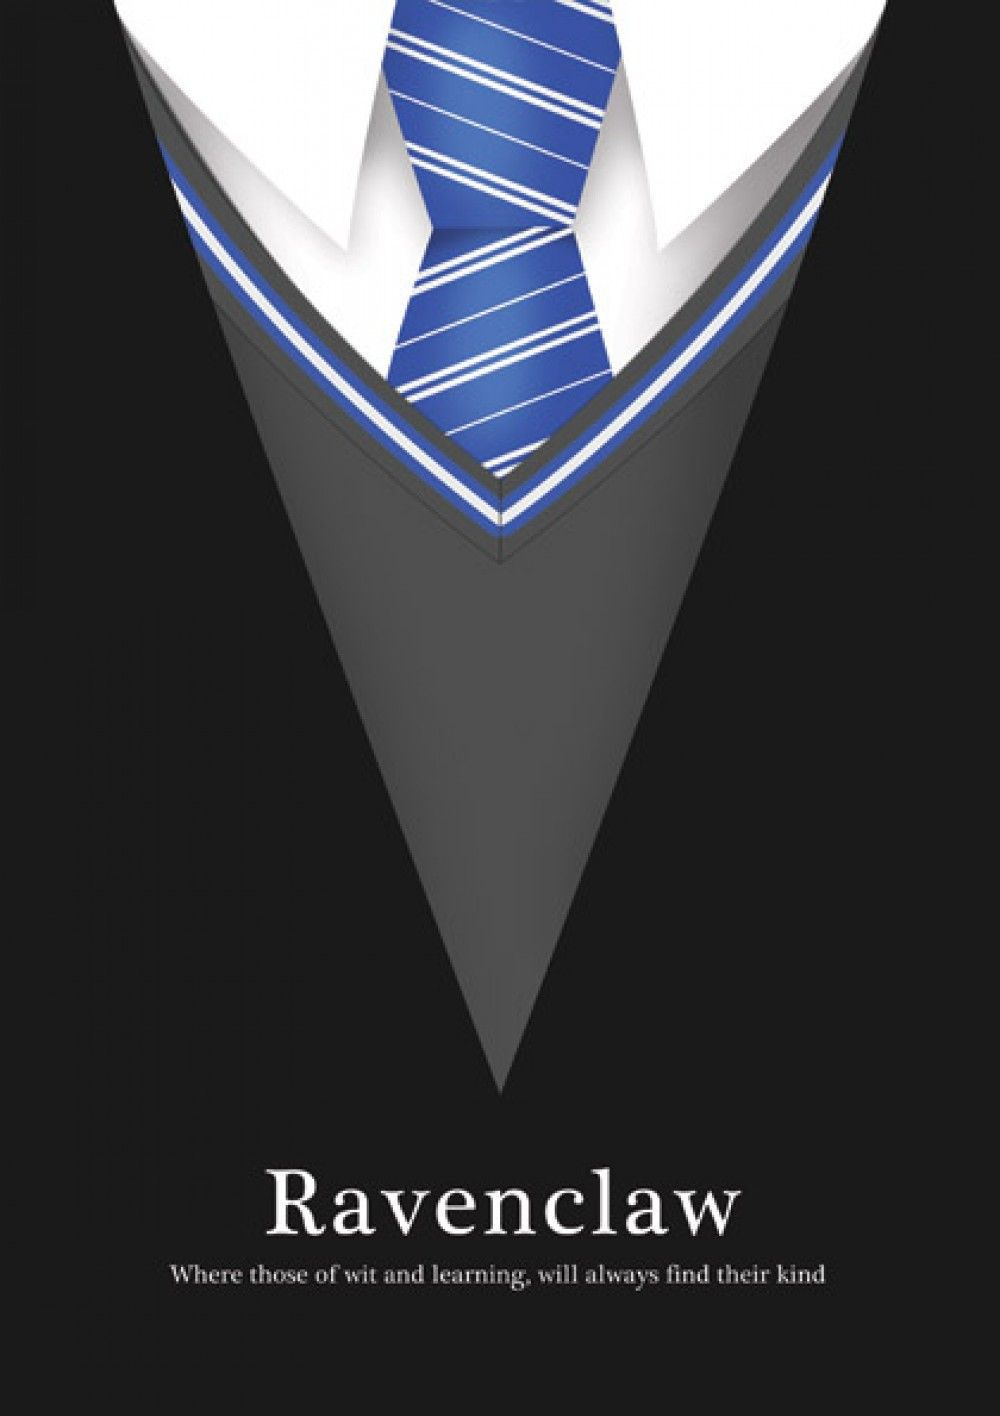 Ravenclaw Todos Immagini Di Harry Potter Corvonero Harry Potter Illustrazioni